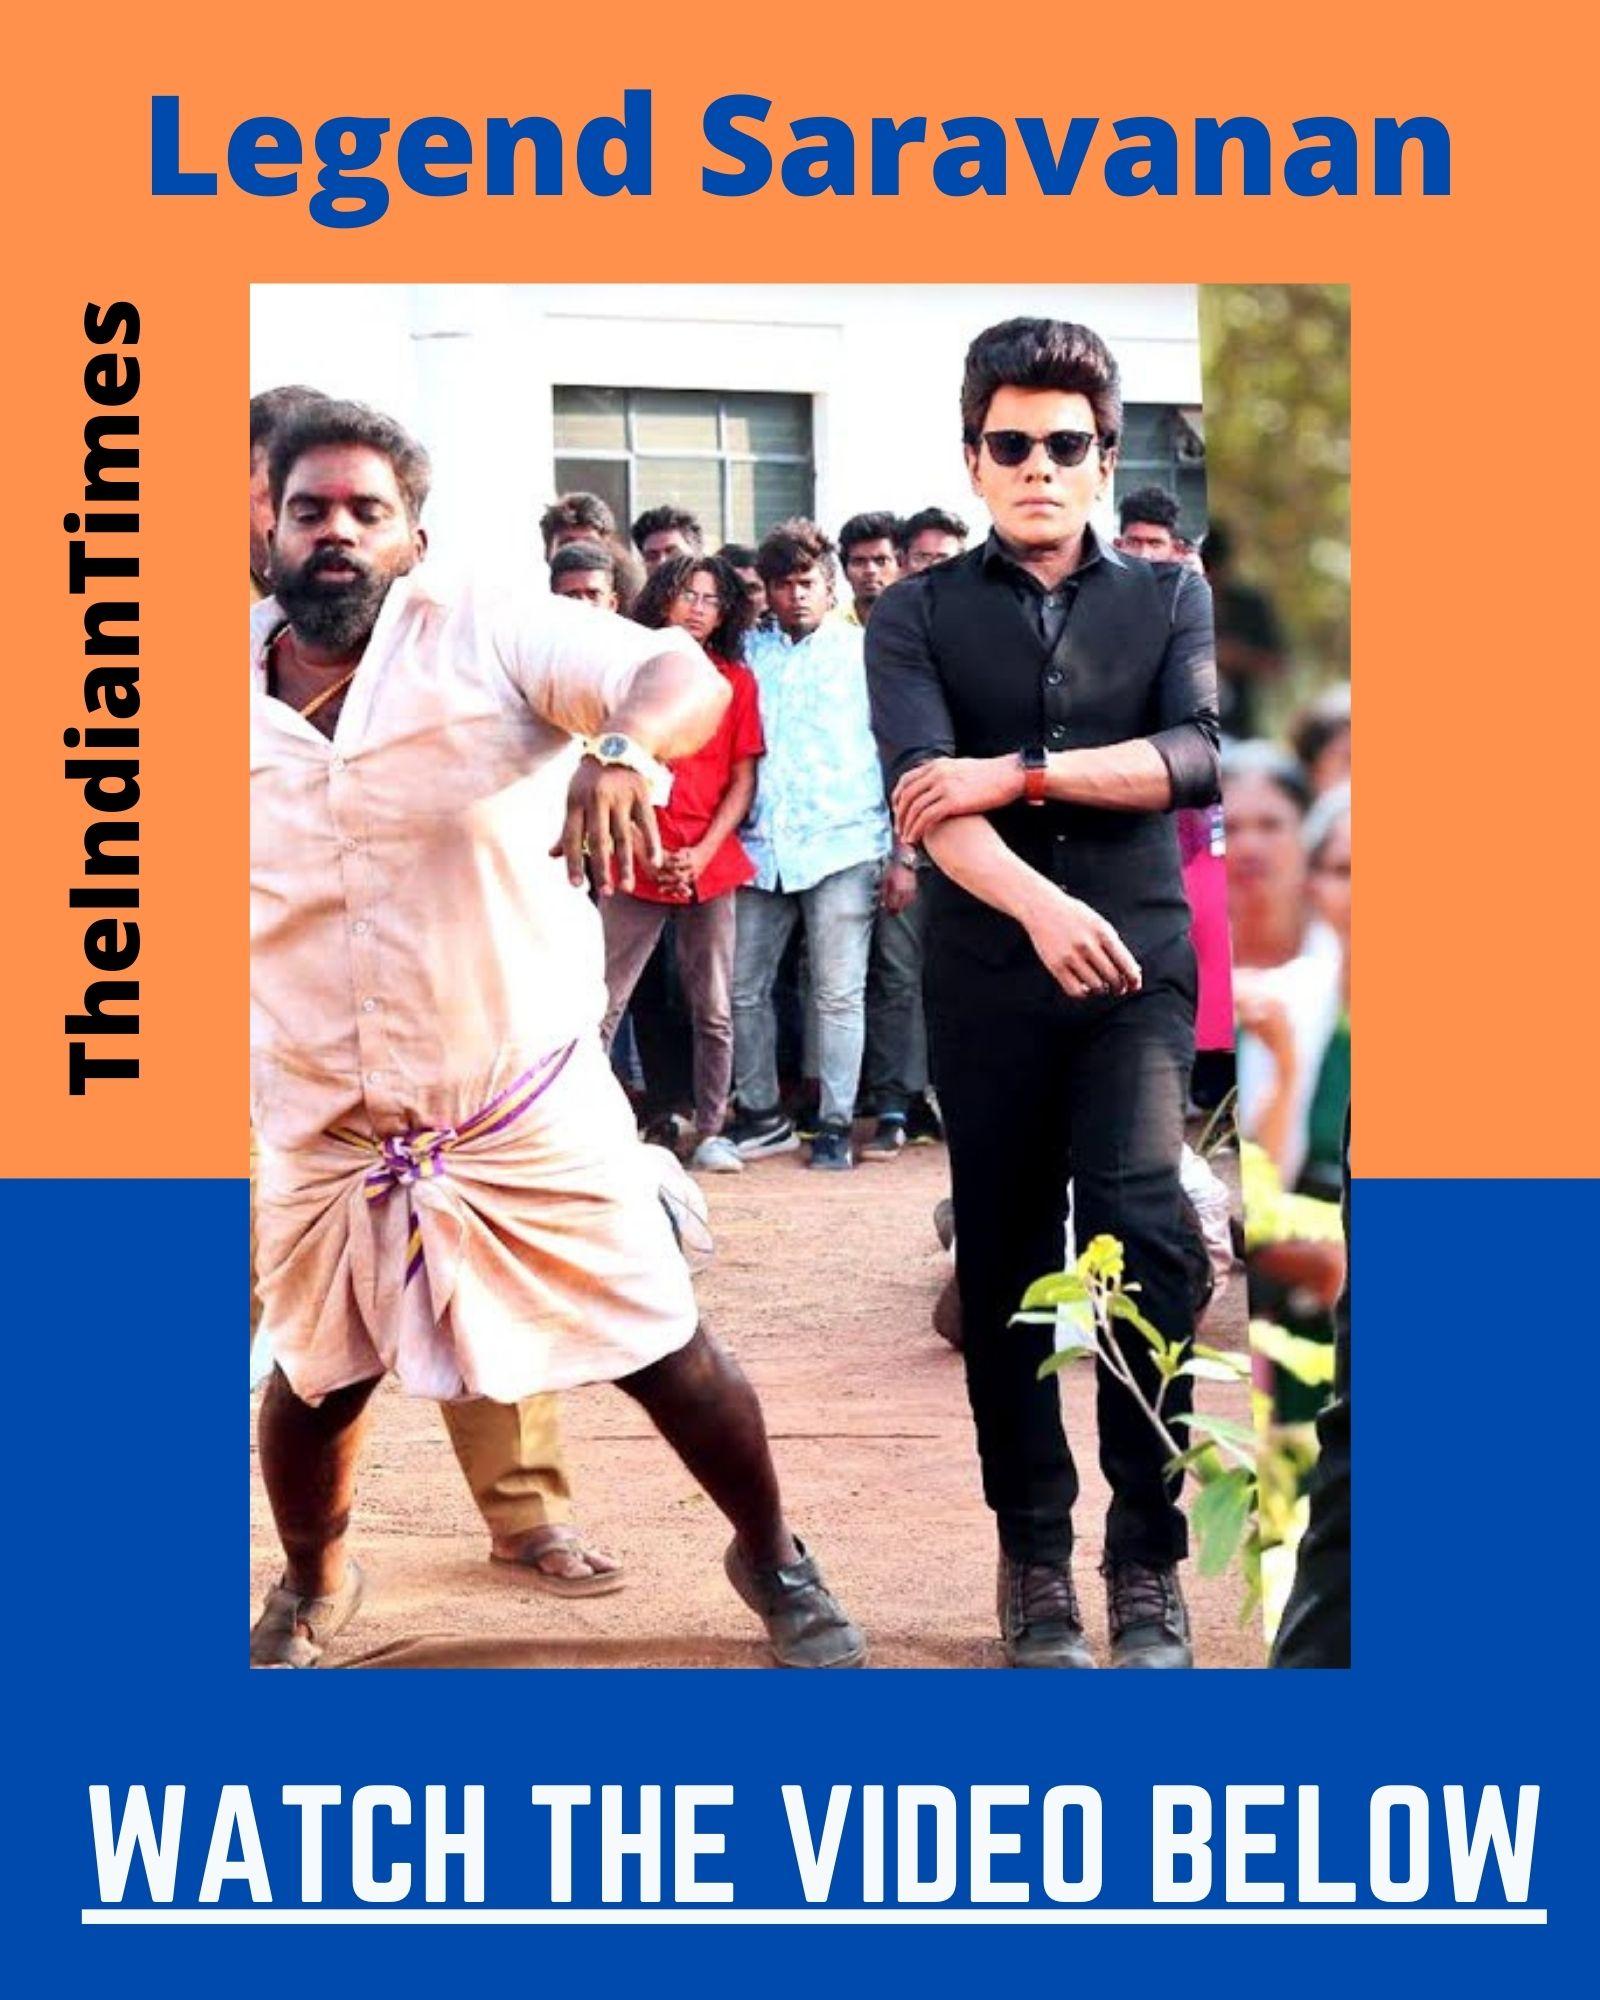 Legend சரவணன் நடிக்கும் Action காட்சி - வைரல் வீடியோ 7